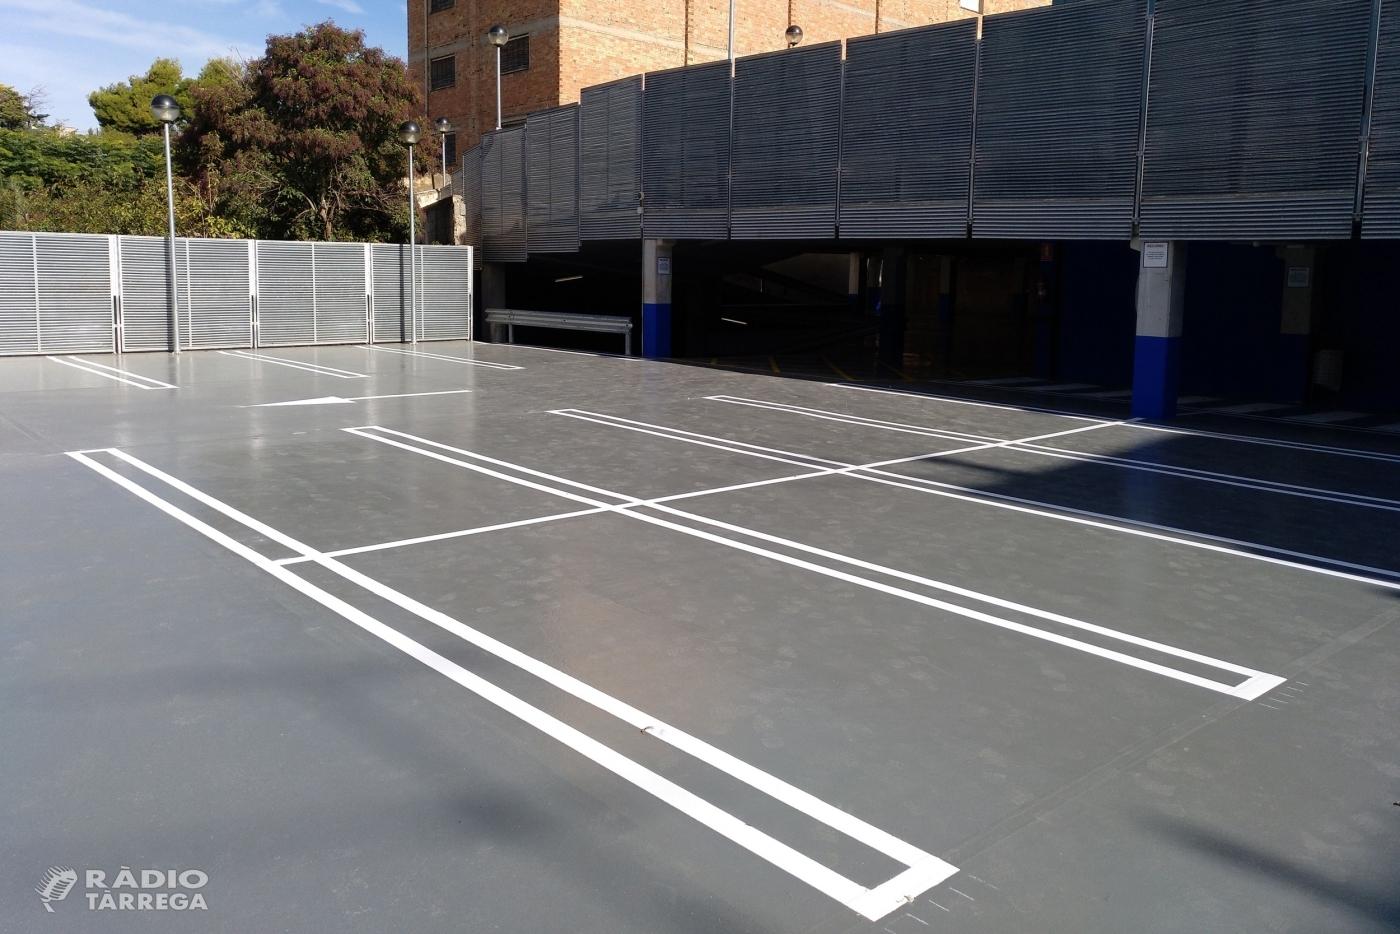 Tàrrega reobre avui dimecres 31 d'octubre el pàrquing municipal de l'avinguda de Catalunya, finalitzats els treballs de millora